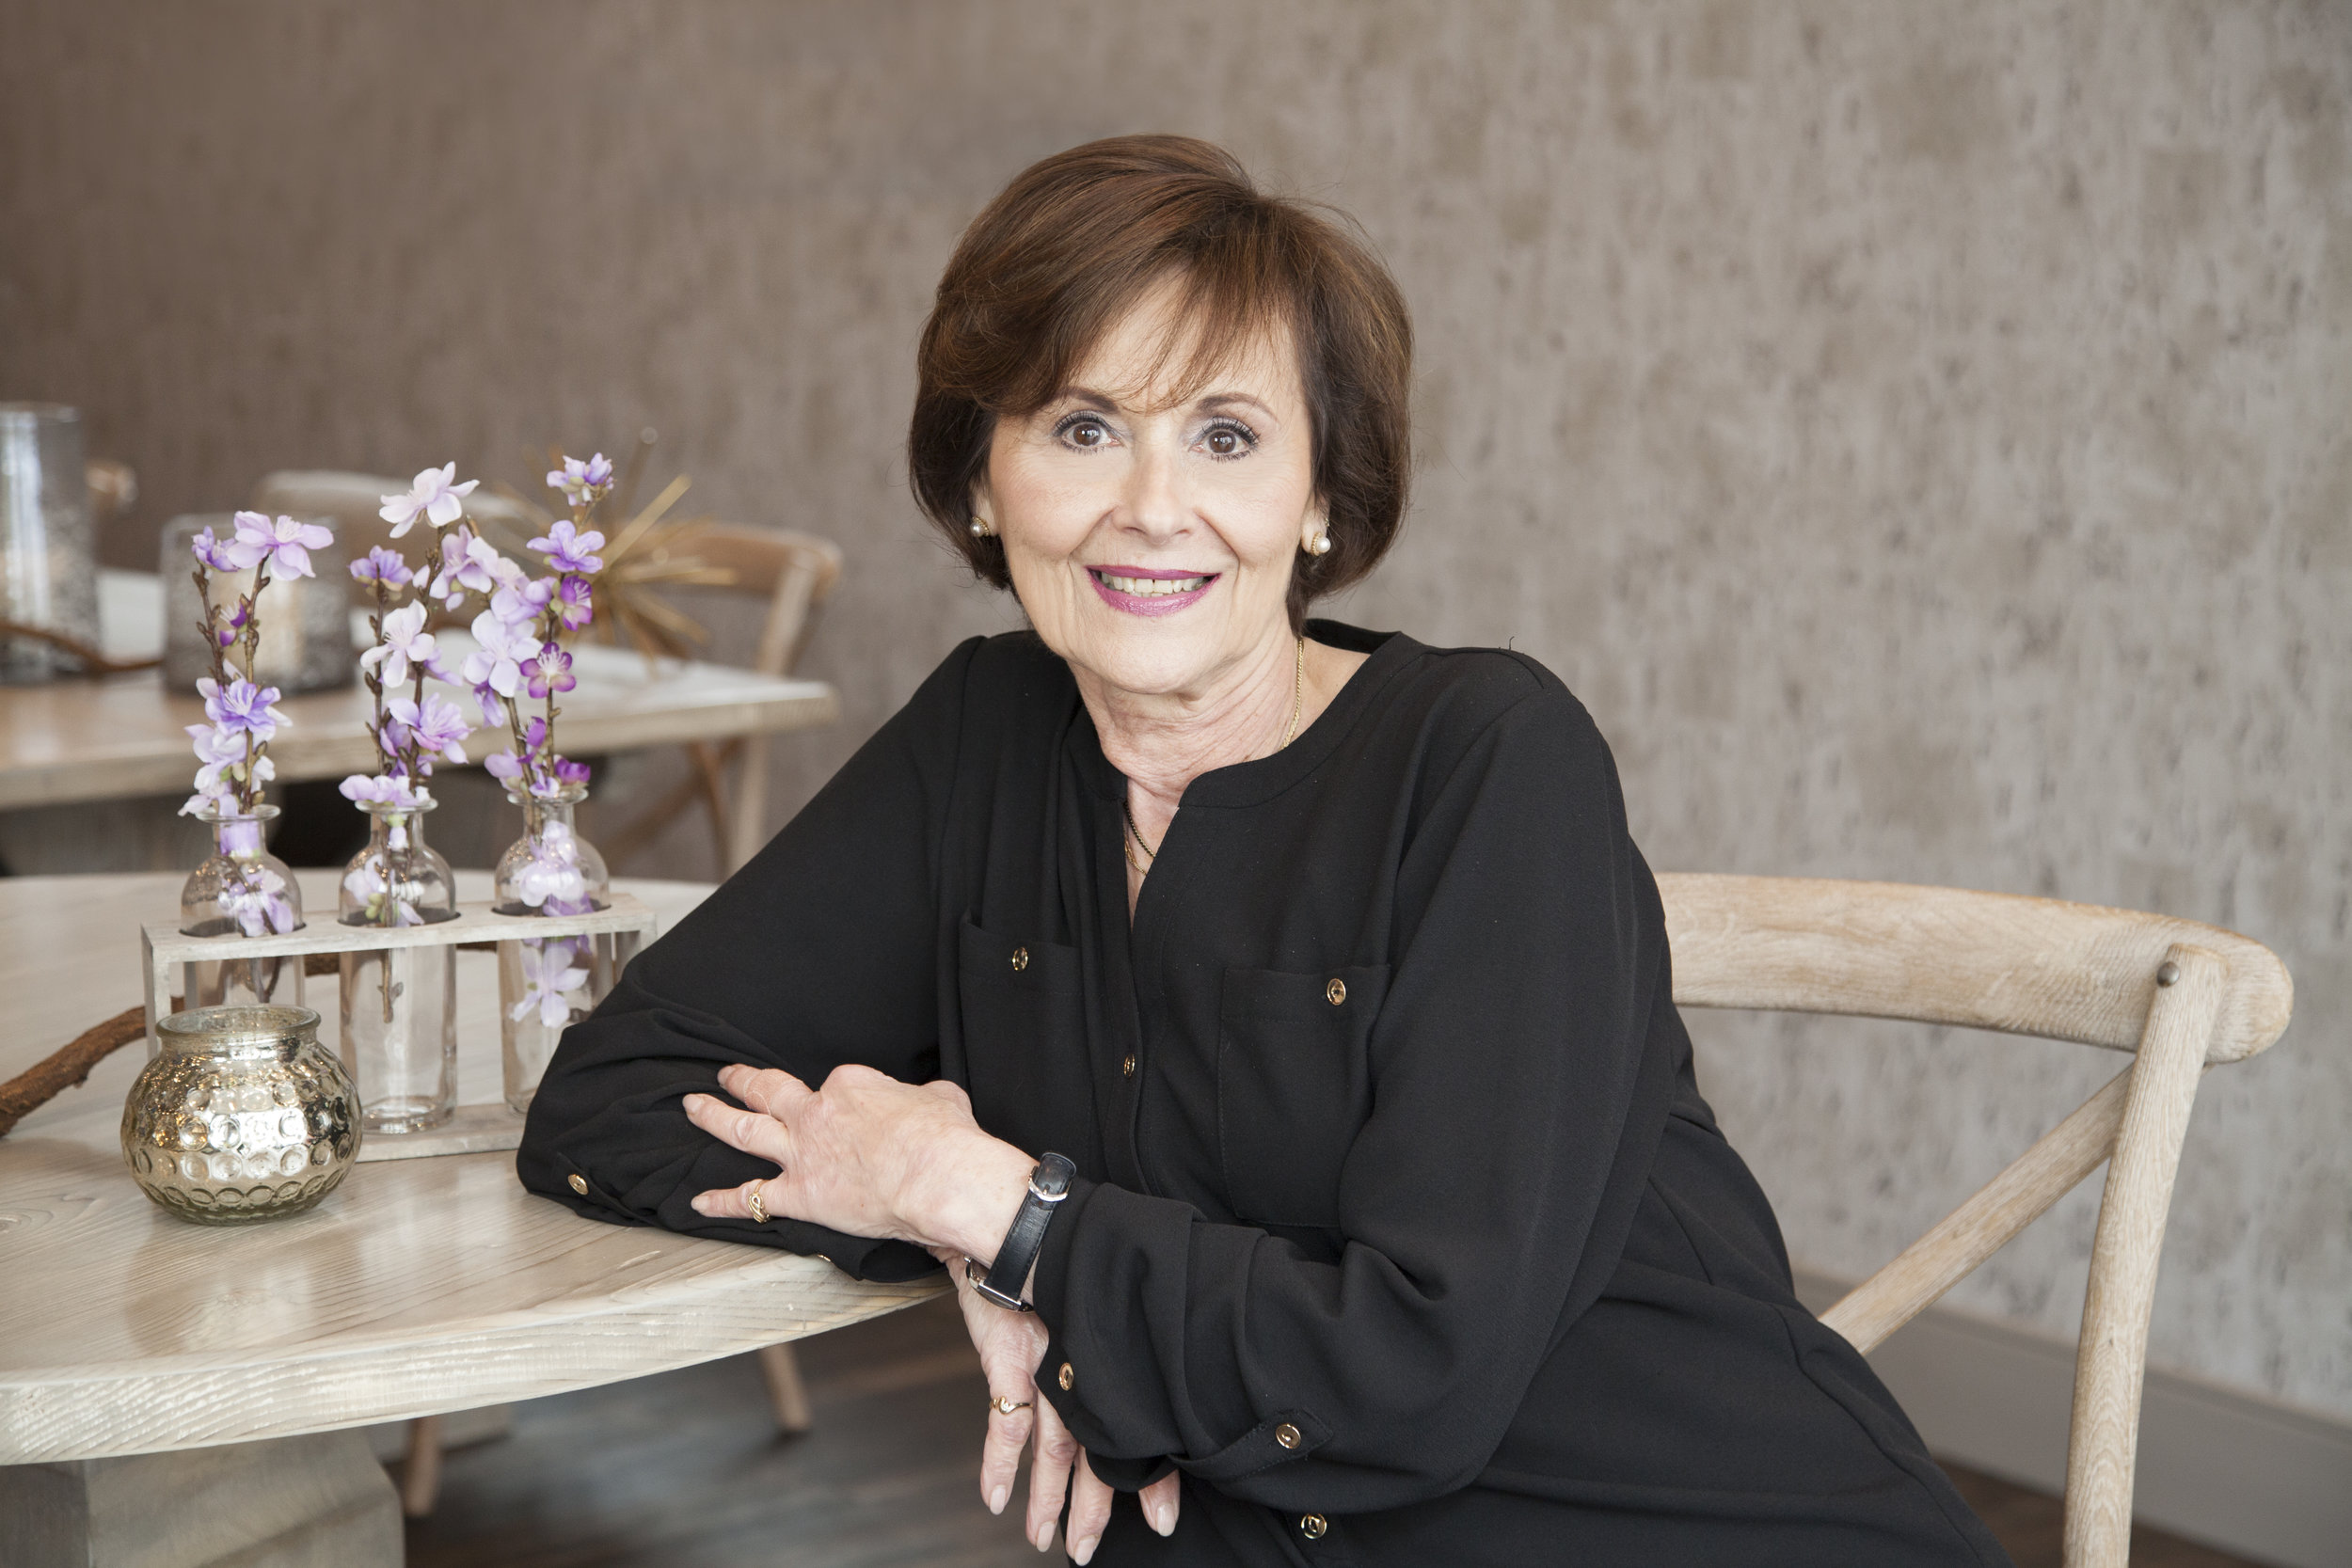 Bonnie Fanale, Senior Hairstylist